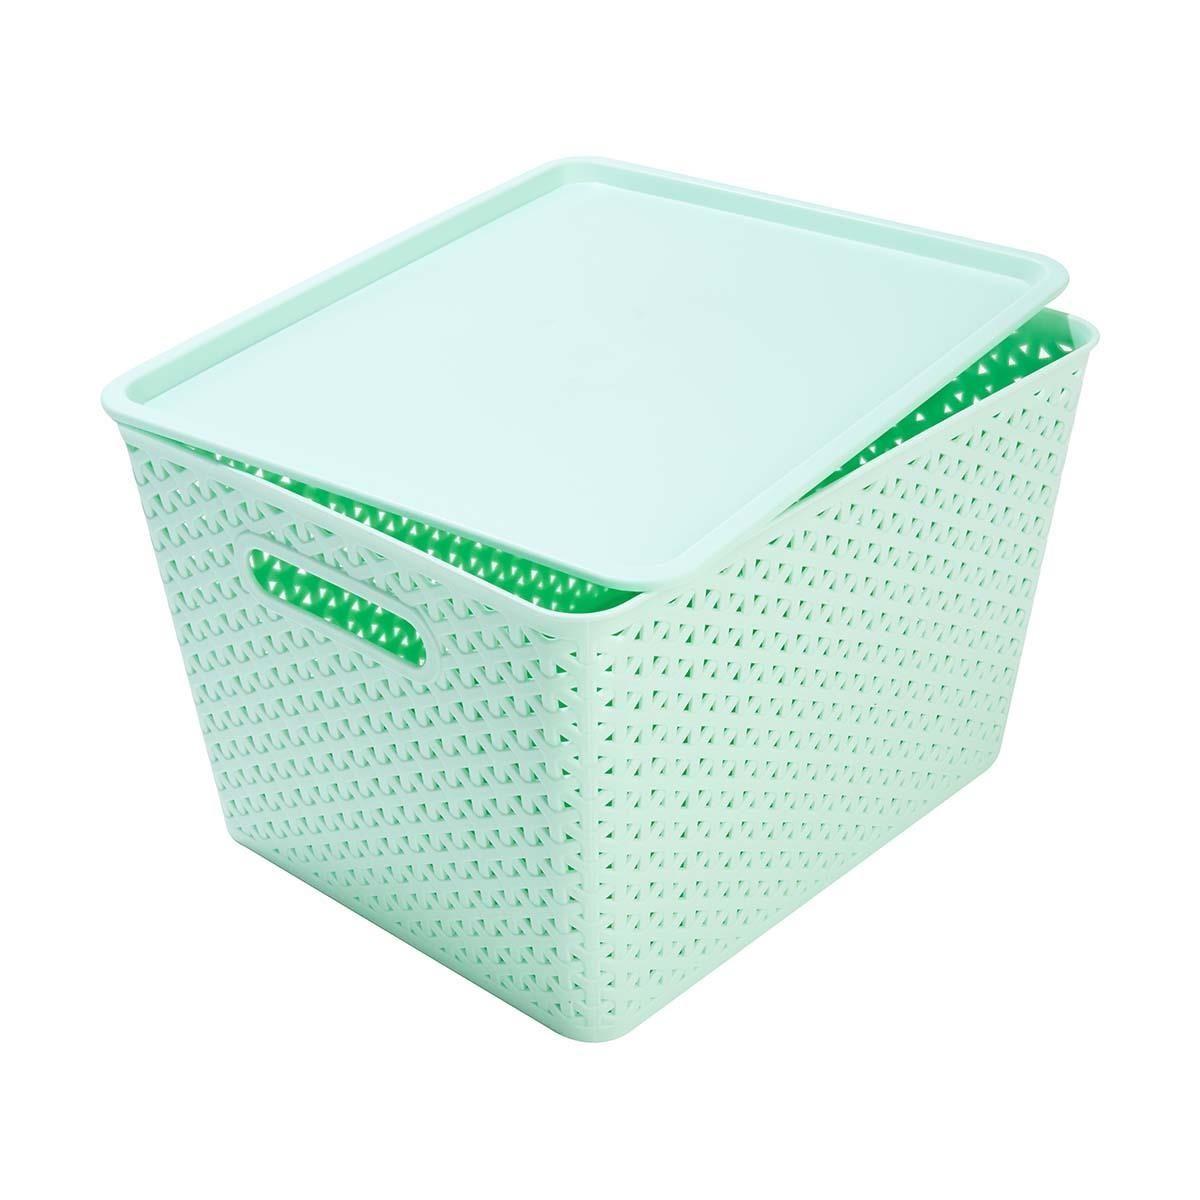 7 22cm H X 35cm W X 29cm D Storage Container Mint Home Co